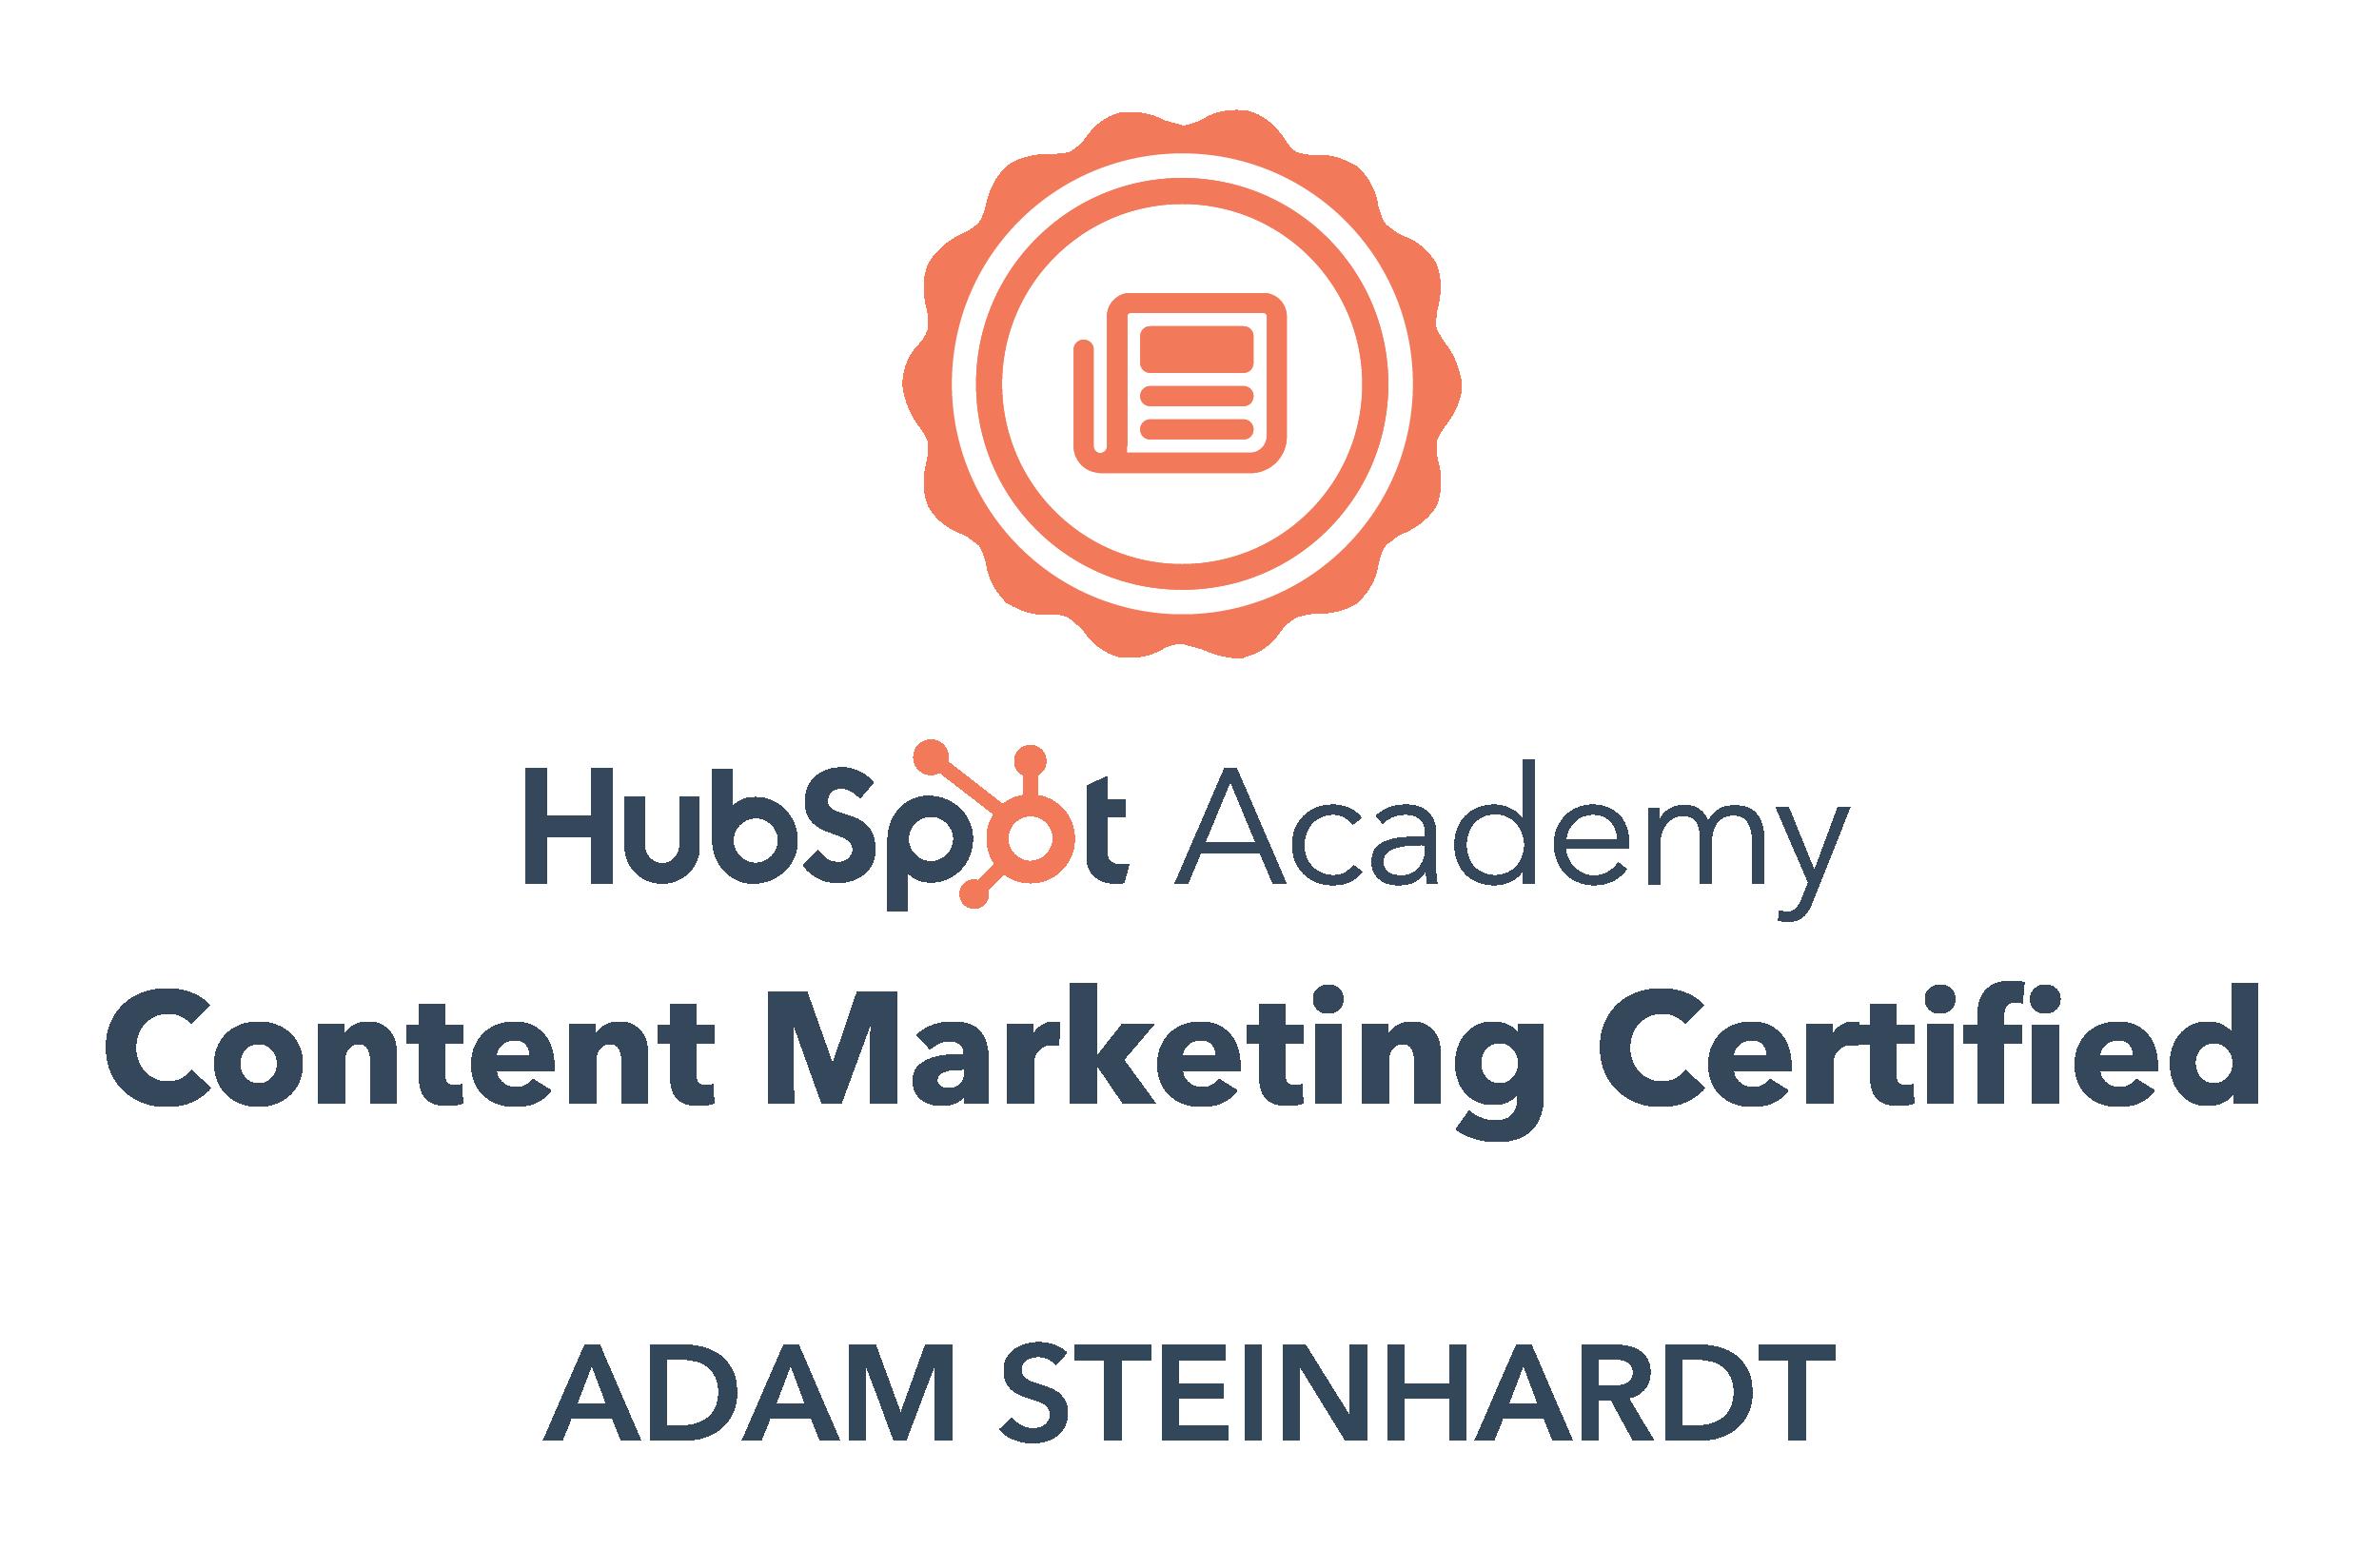 HubSpot Content marketing Certified Adam Steinhardt The Kingdom CEO